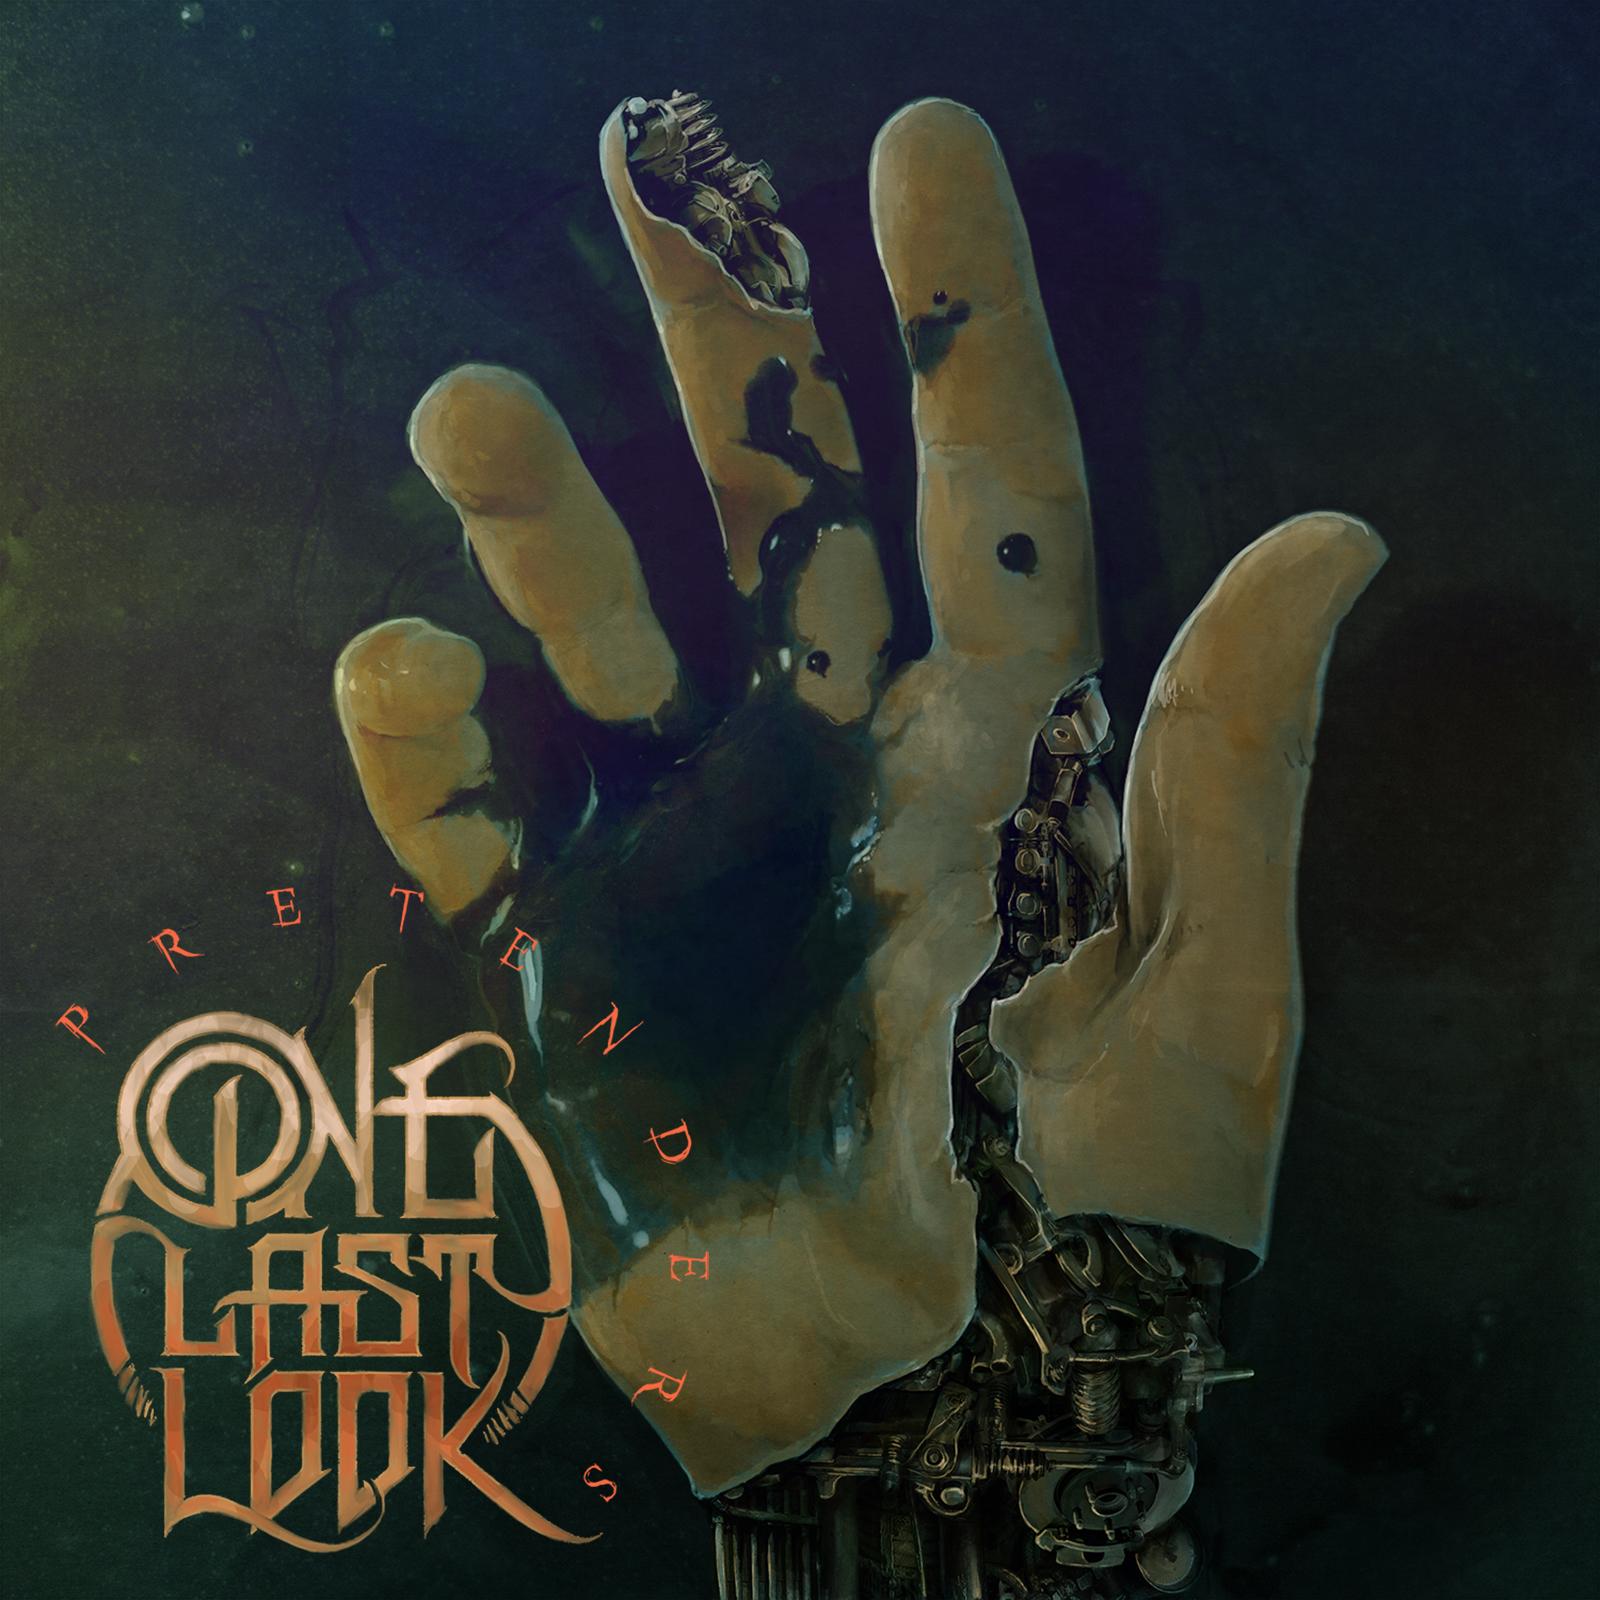 One Last Look - Pretenders (2013)